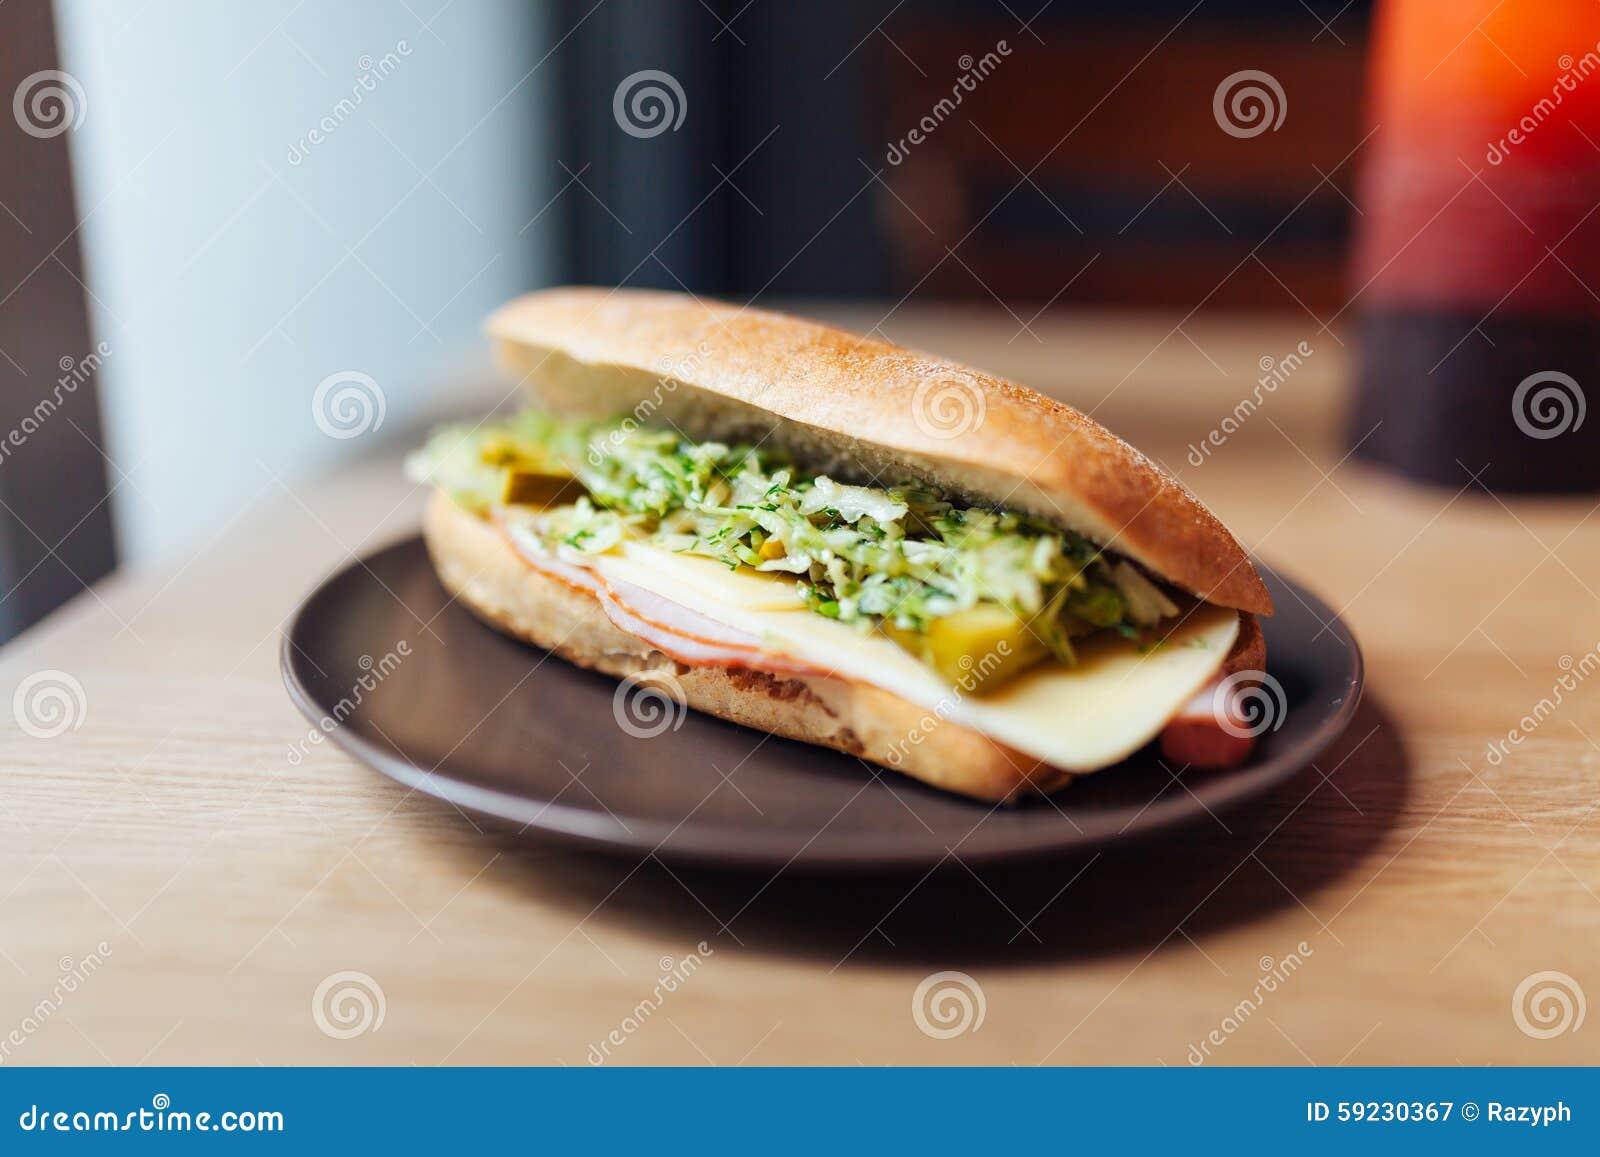 Download Bocadillo imagen de archivo. Imagen de cocina, nutrición - 59230367